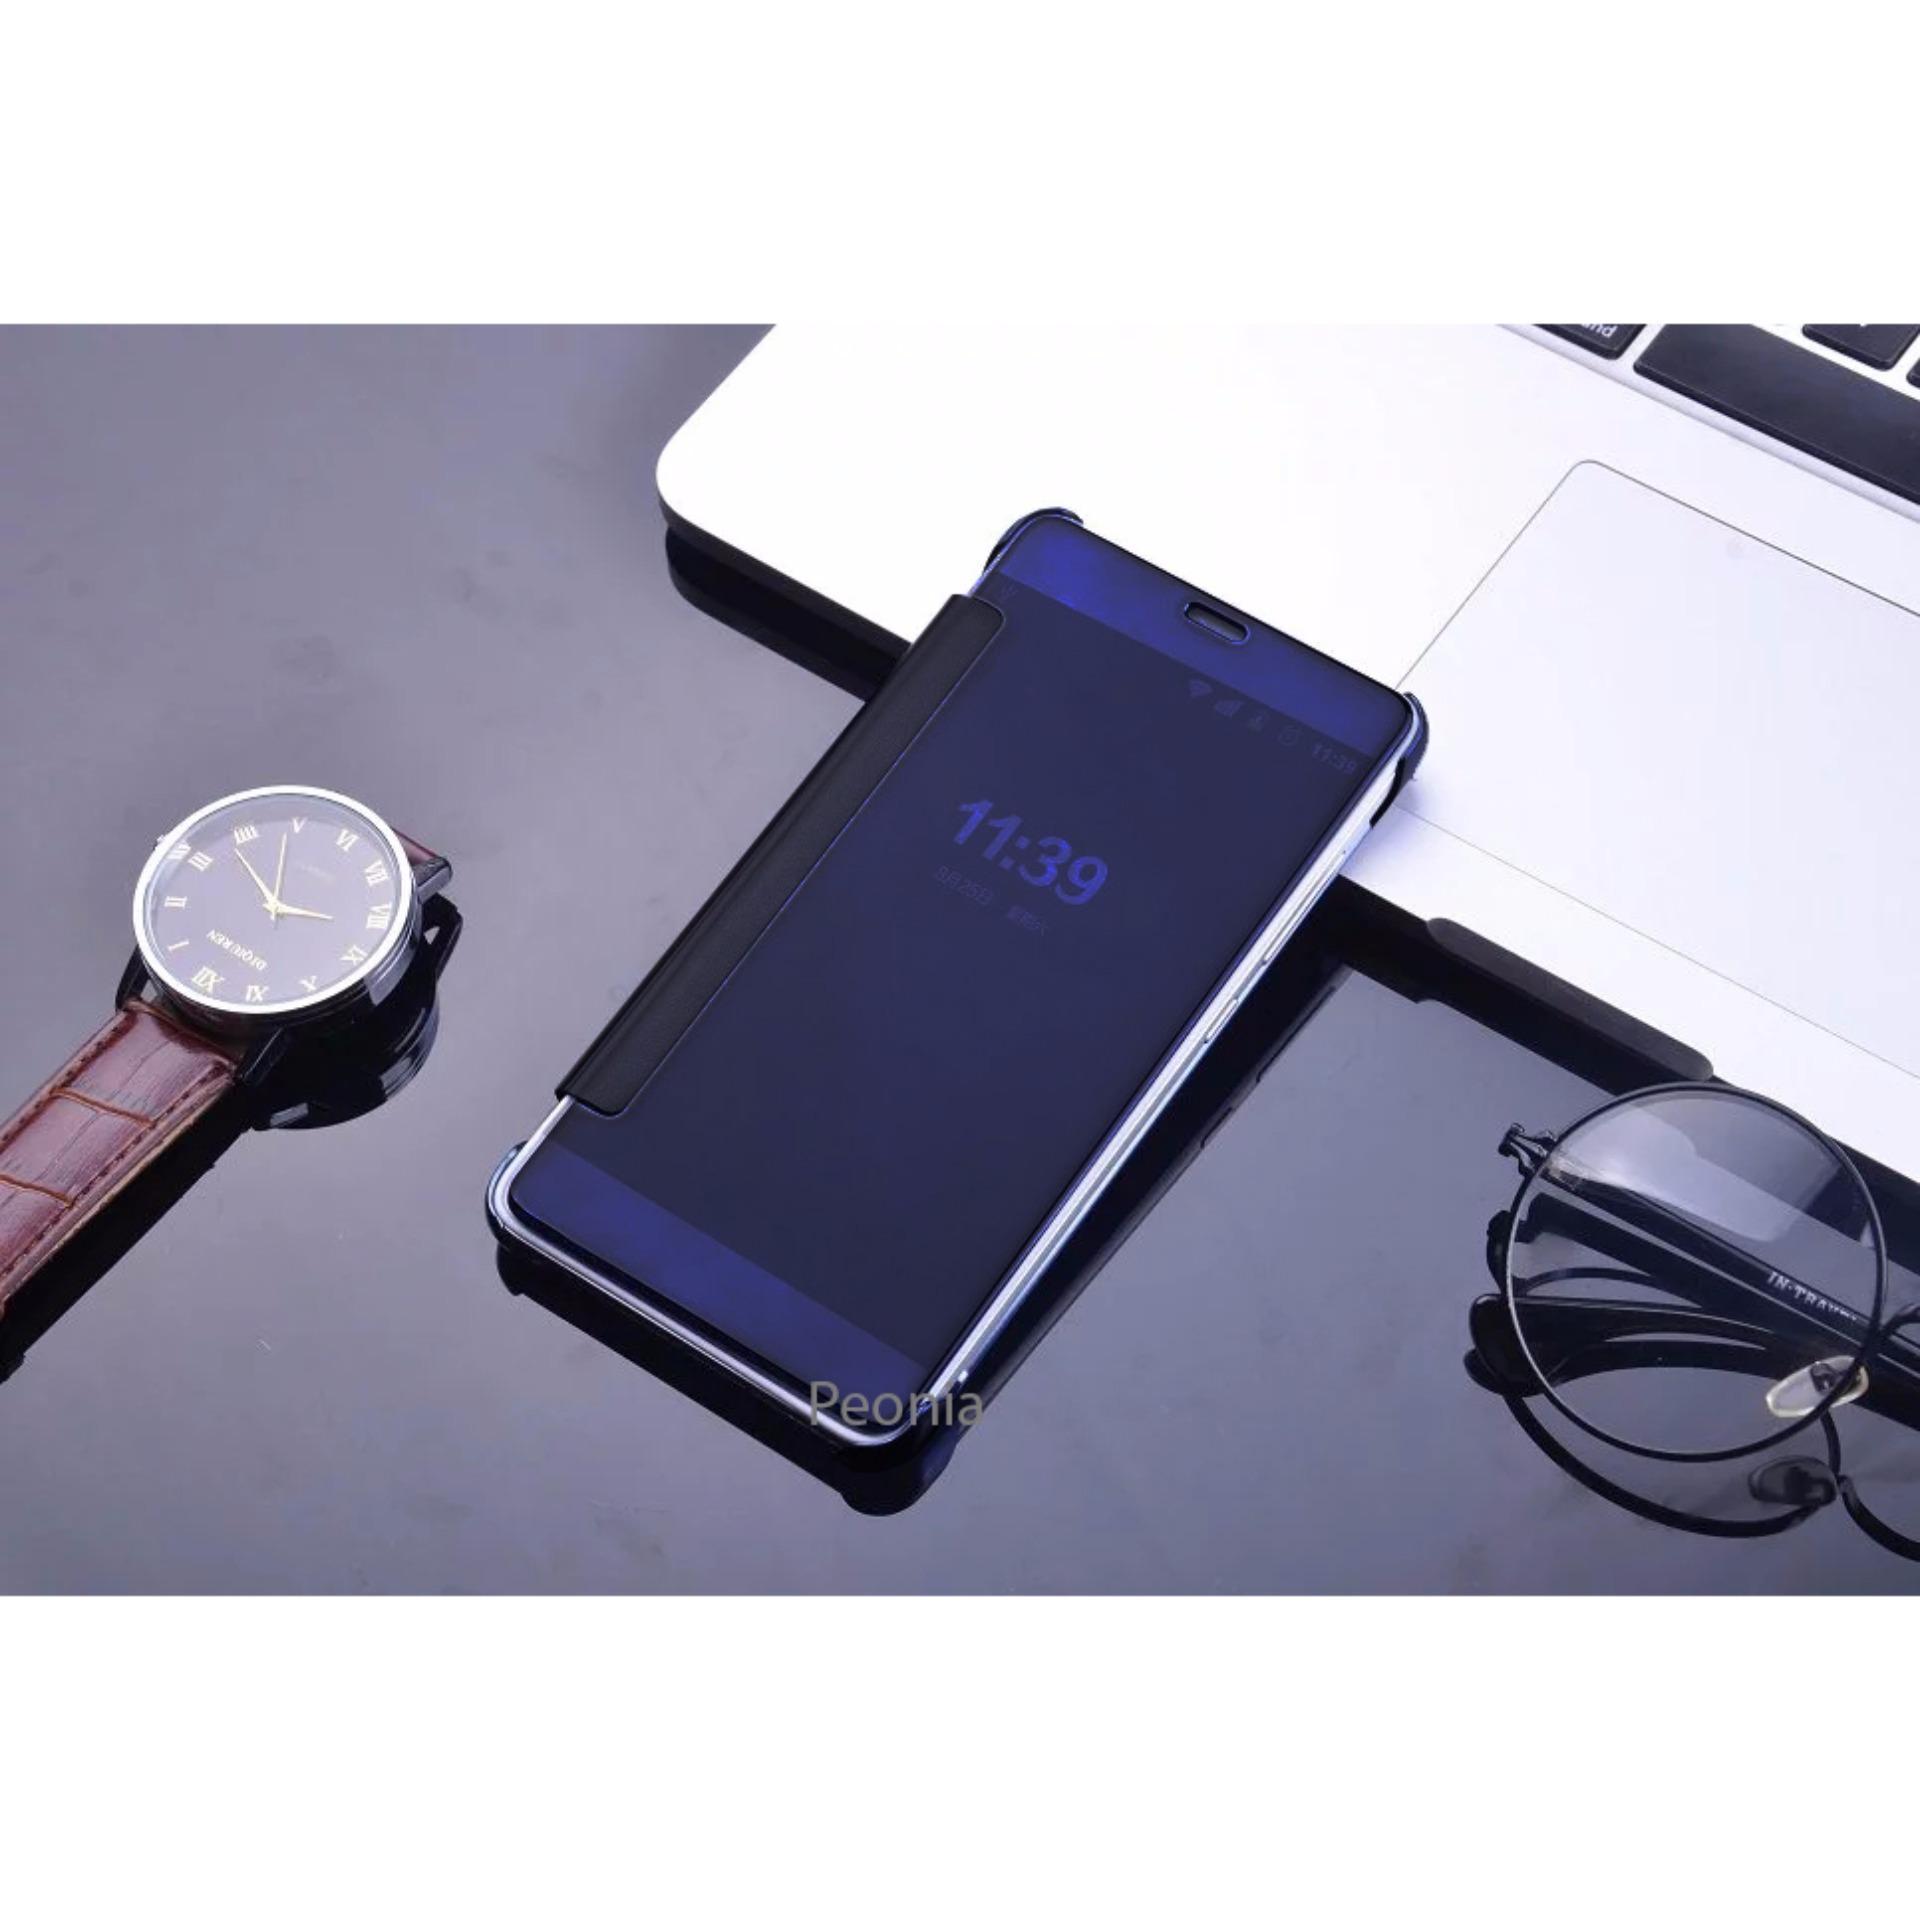 Peonia Mirror Flip Cover Case for Xiaomi Redmi Note 3 / Pro /